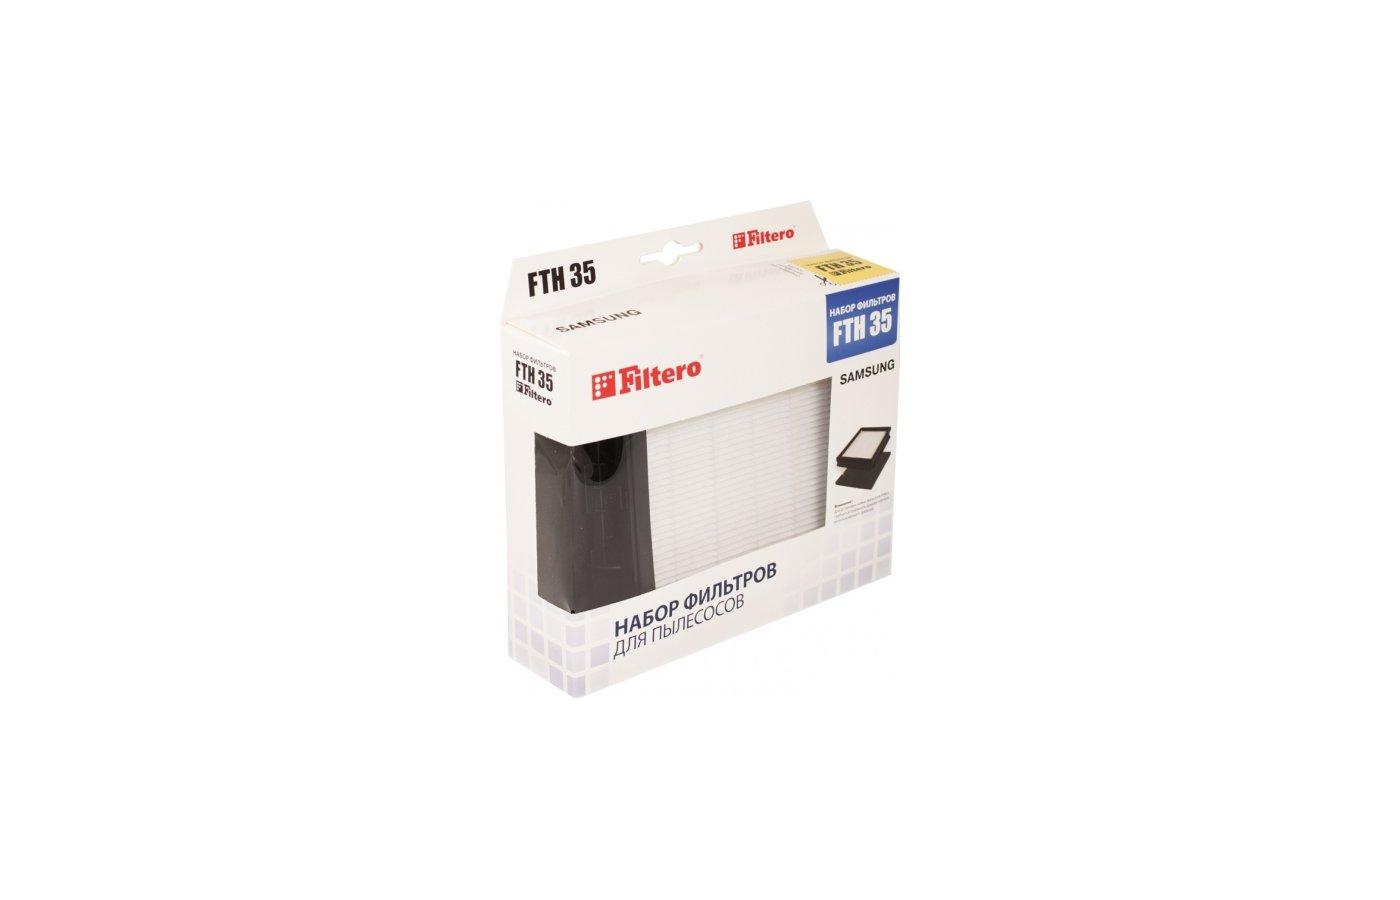 Фильтр для пылесоса FILTERO FTH 35 HEPA фильтр Samsung SD.. SW..